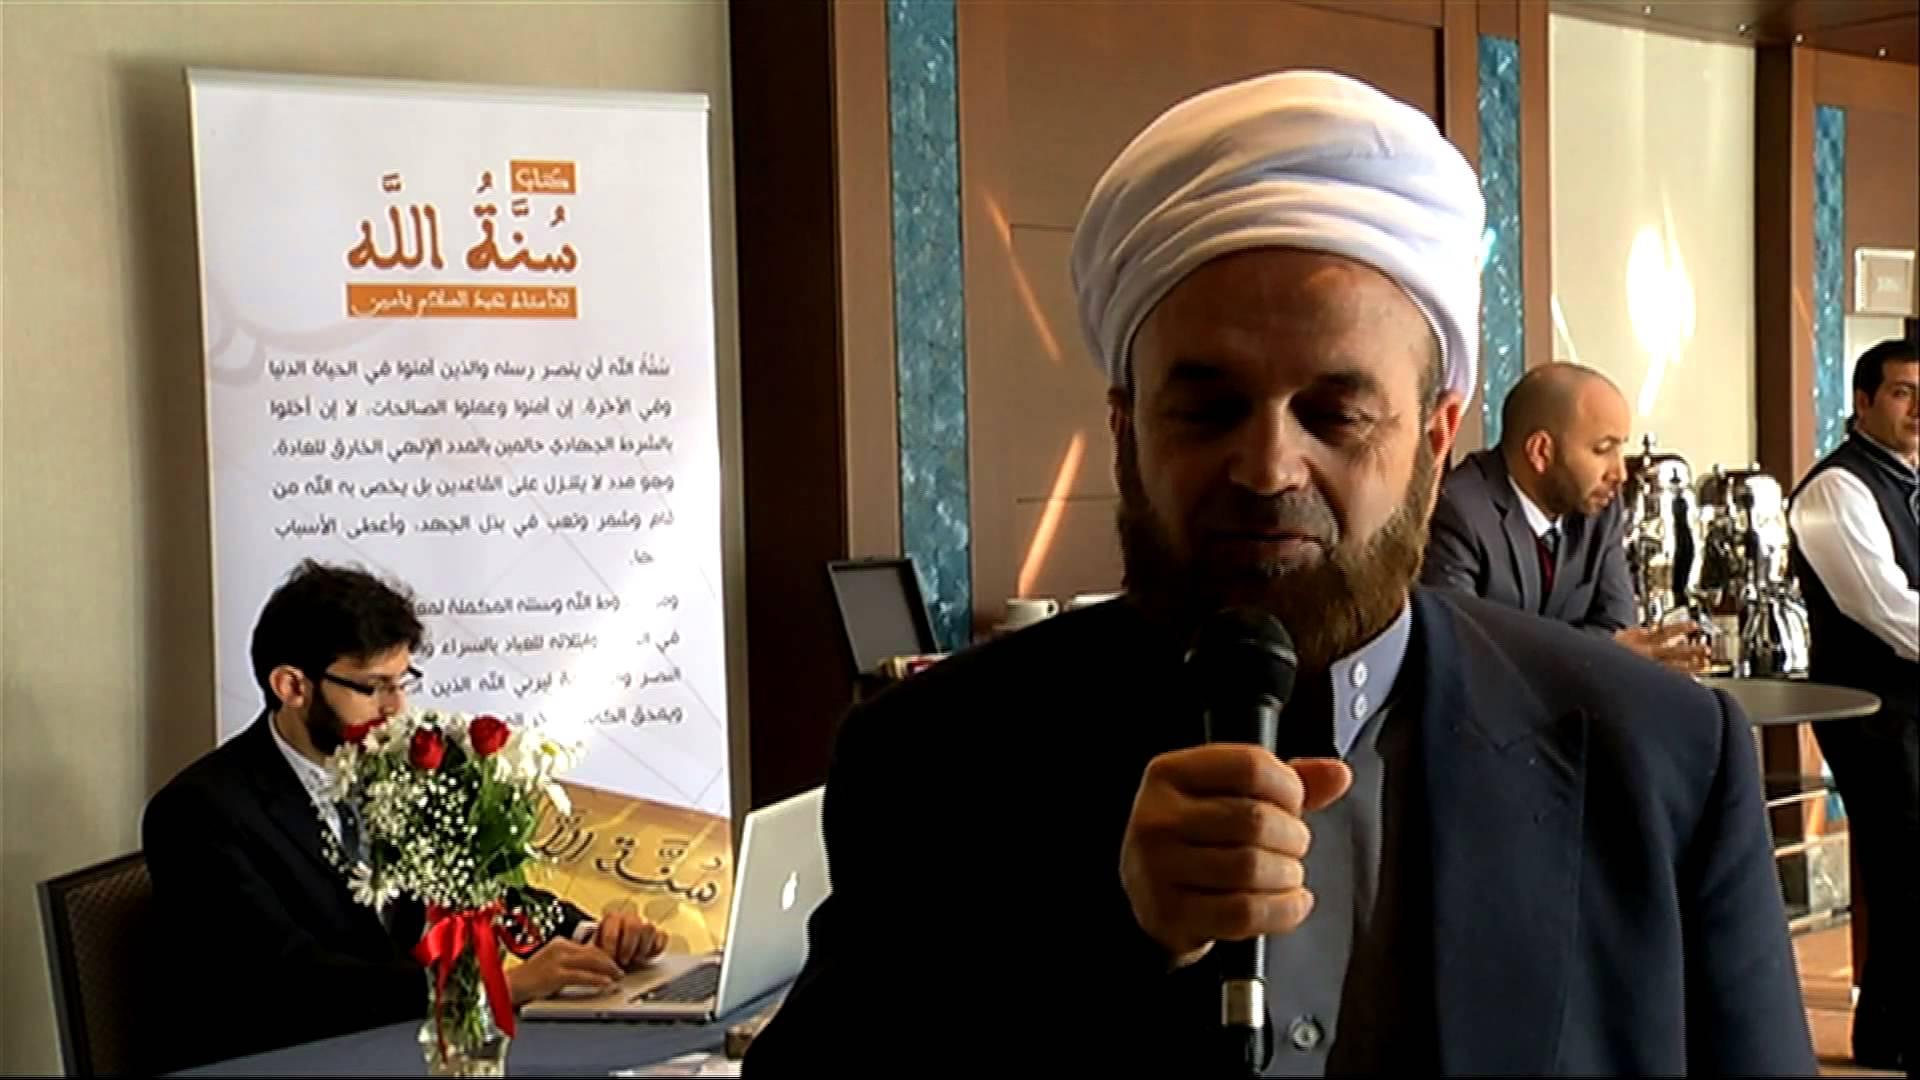 قالوا عن المؤتمر – العالم محمد صالح أكنجي – تركيا